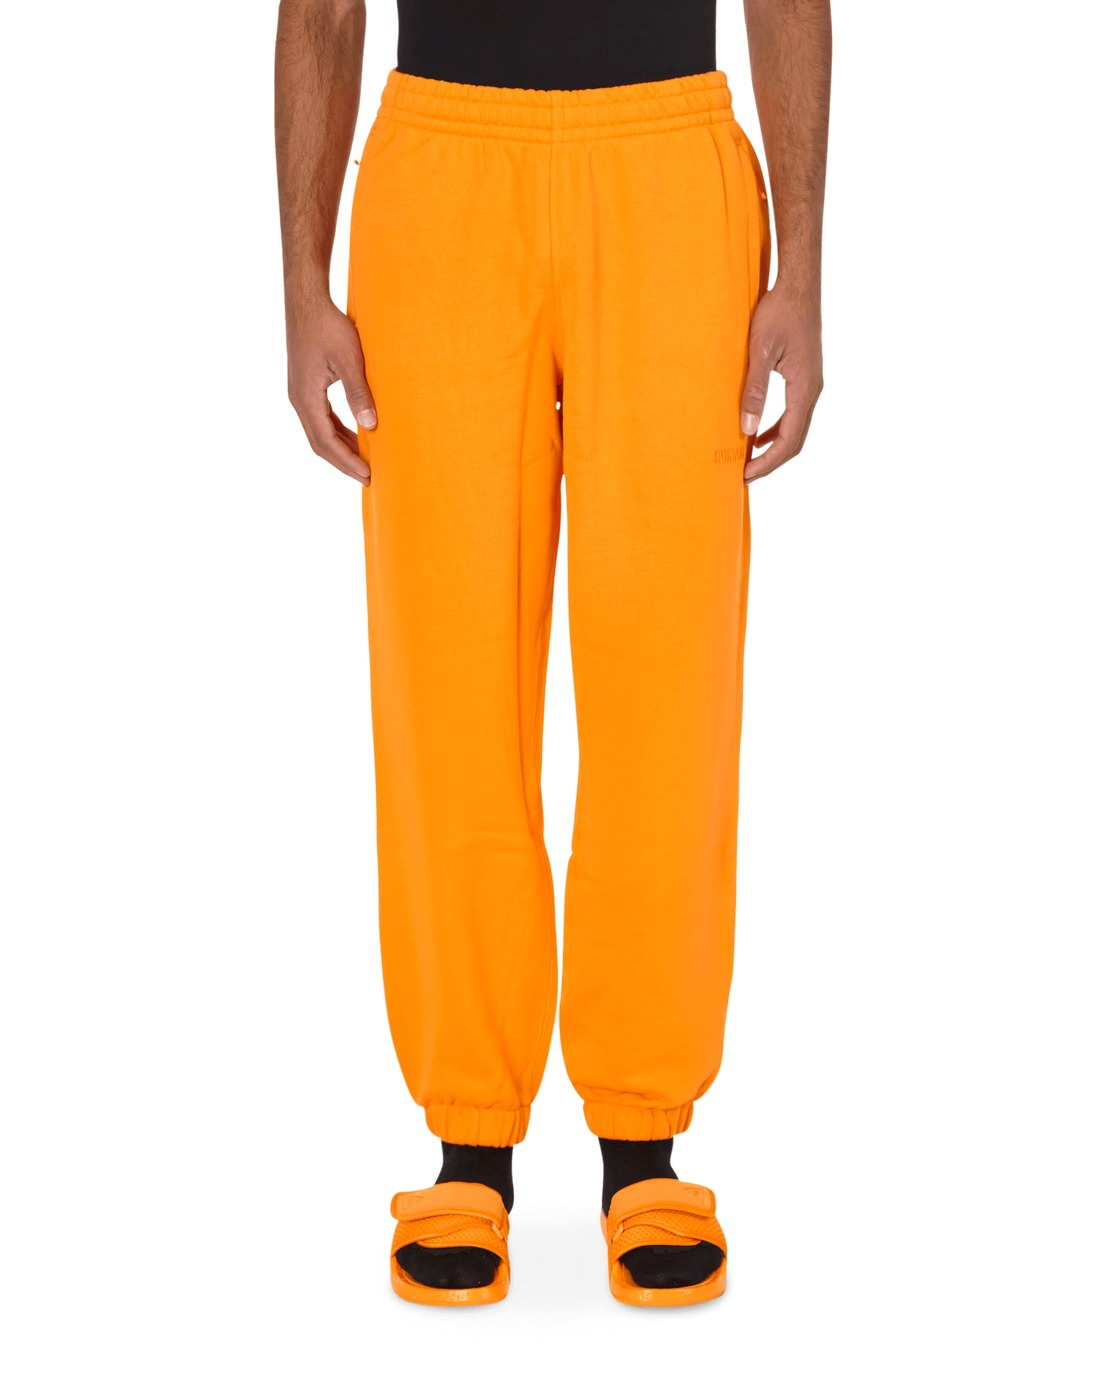 Adidas Originals Pharrell Williams Basics Sweatpants Bright Orange